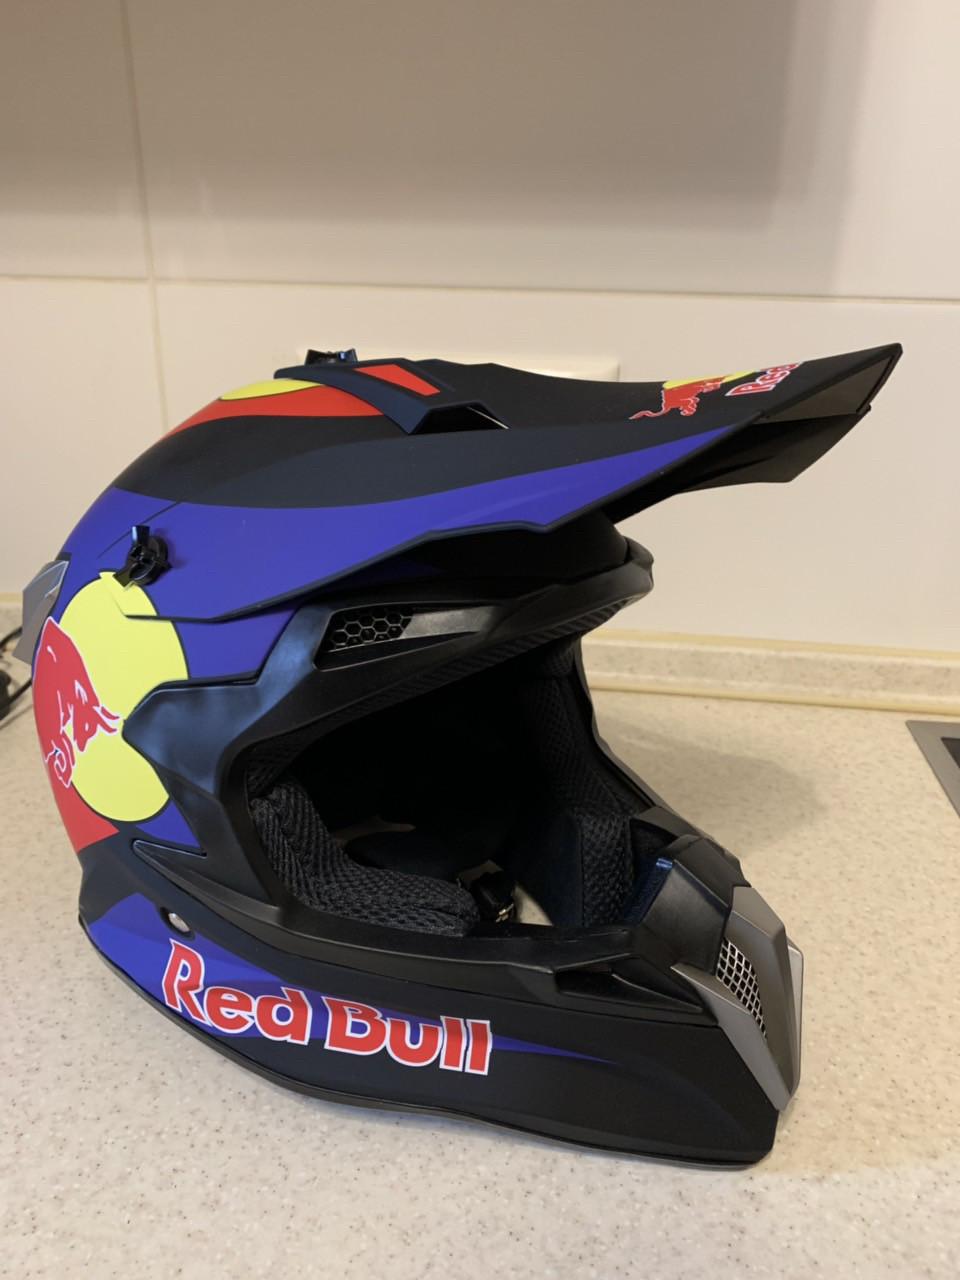 Черный матовый Кроссовый мото шлем Redbull с изгибом под шею  (эндуро, даунхил) мотошлем с козырьком под очки